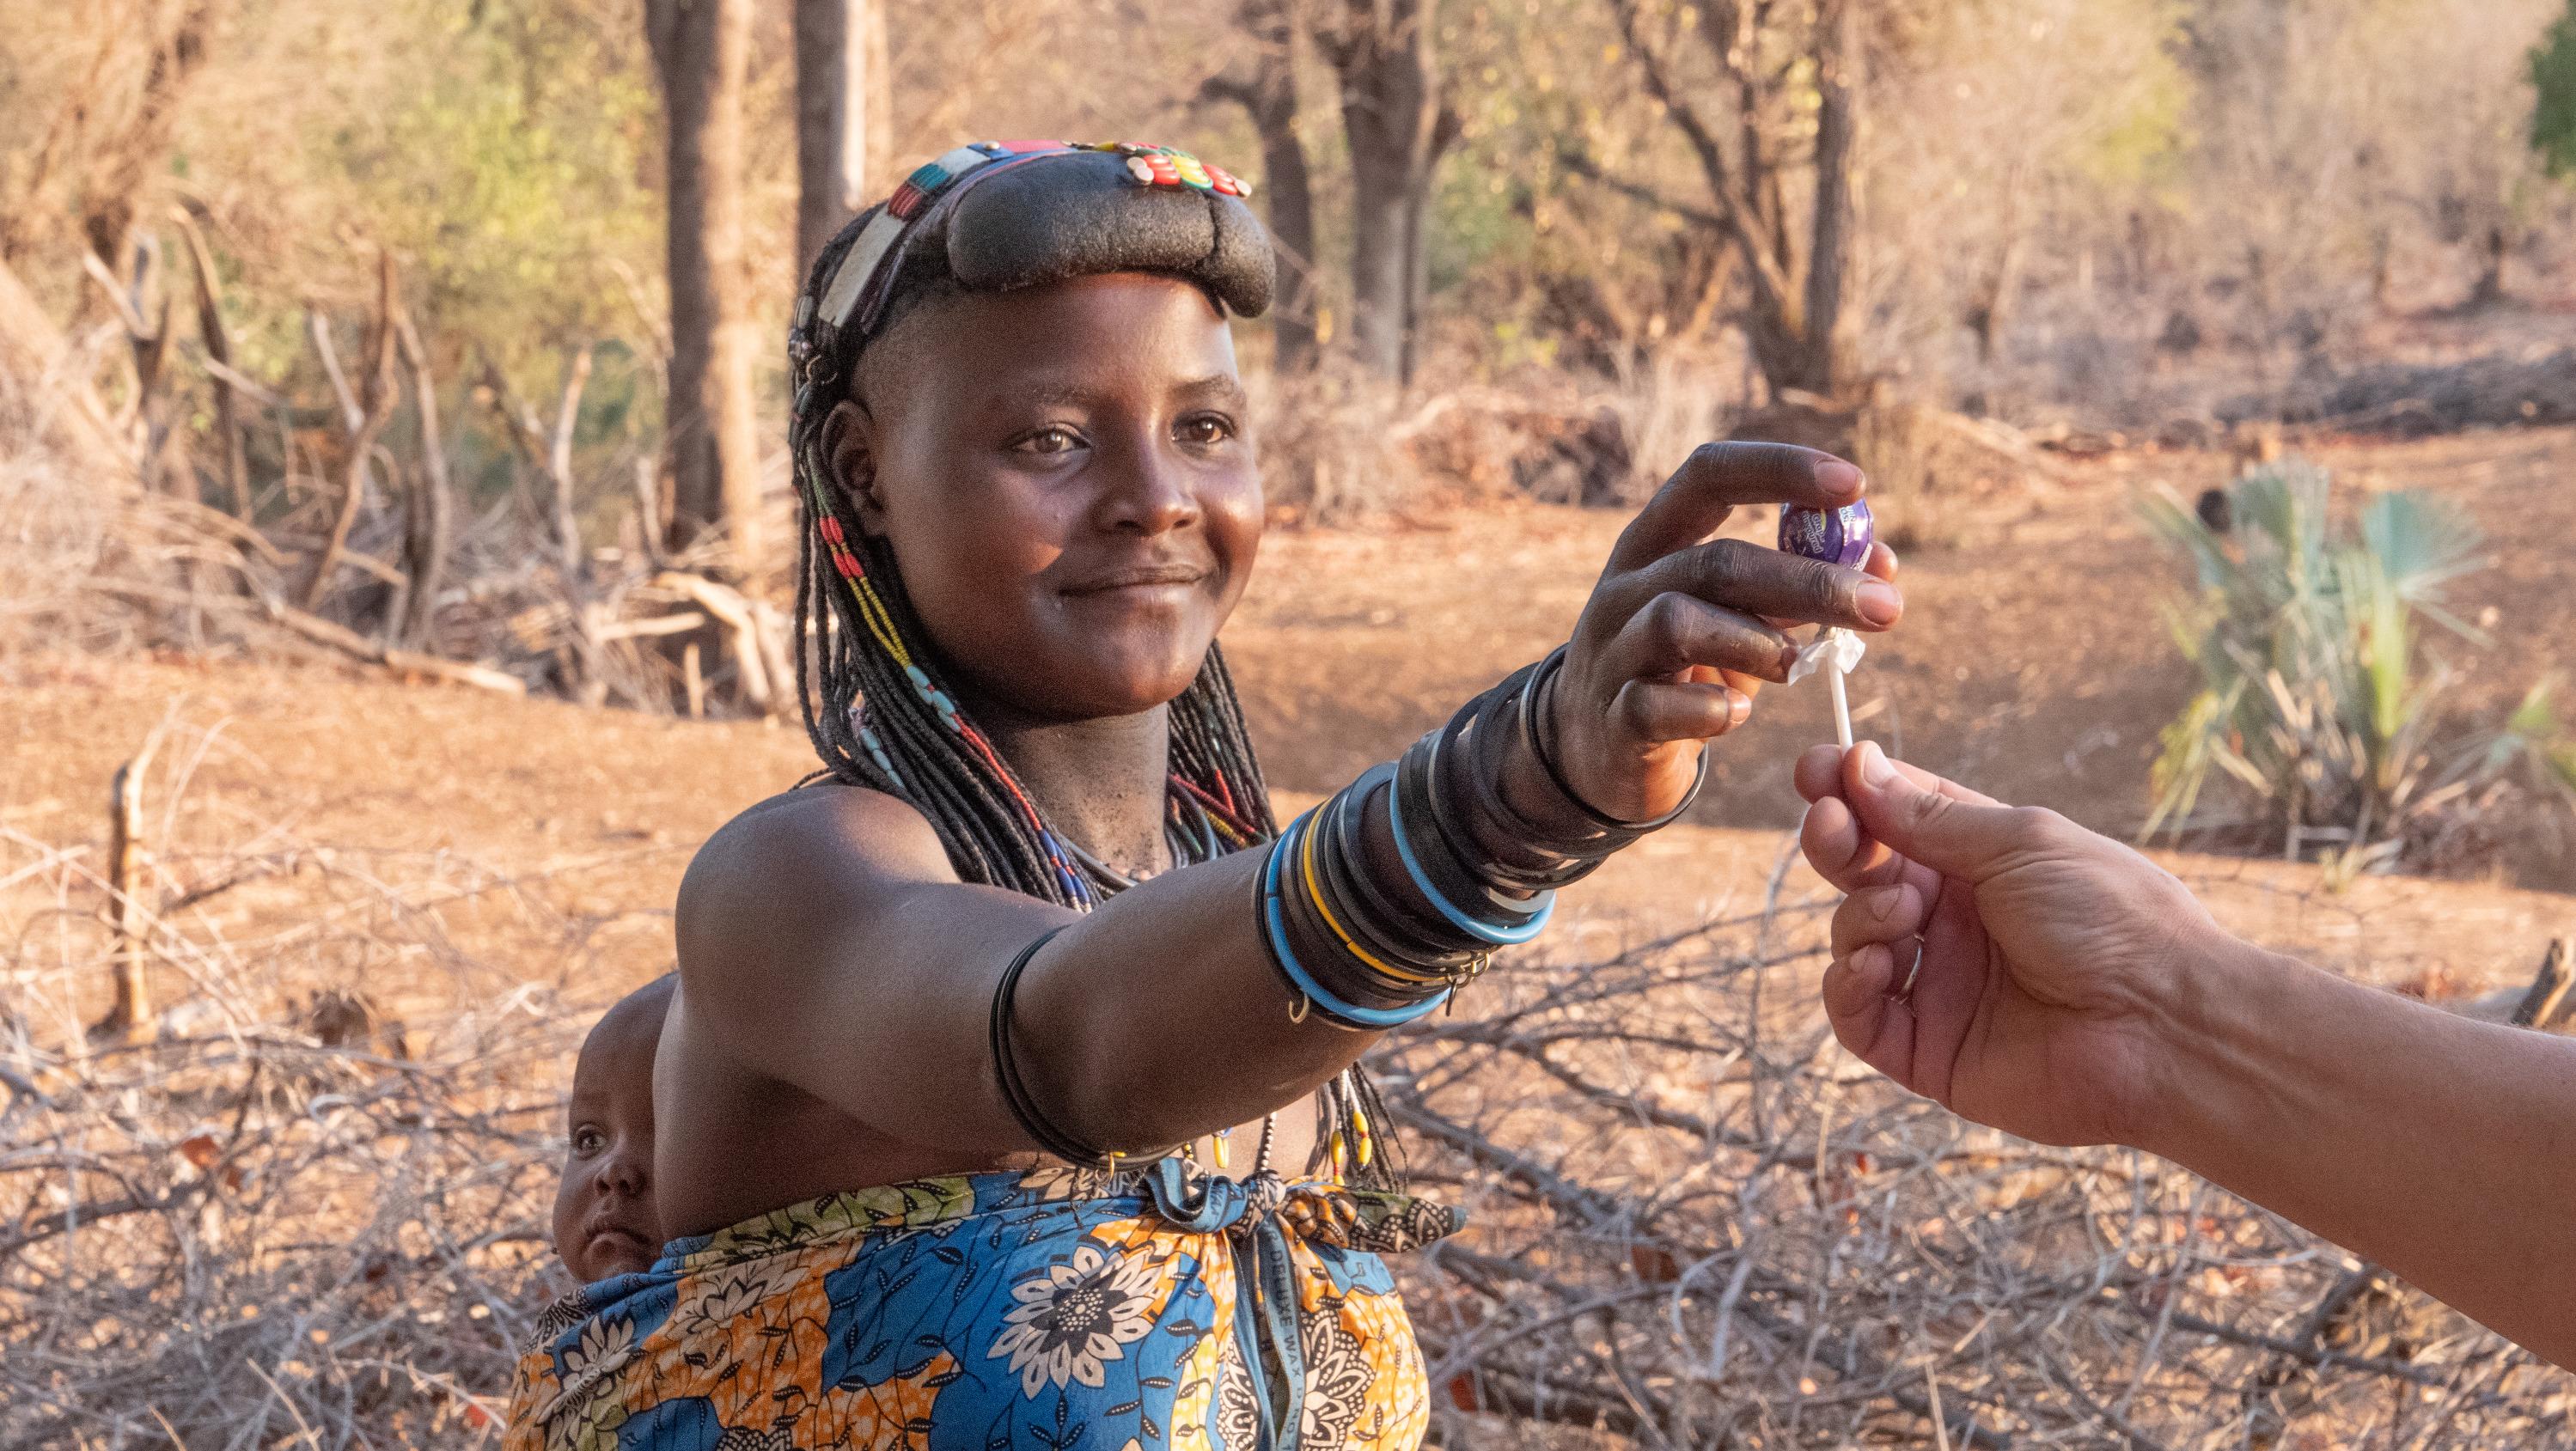 Жители африканских племён радовались угощениям, которые им дали путешественники